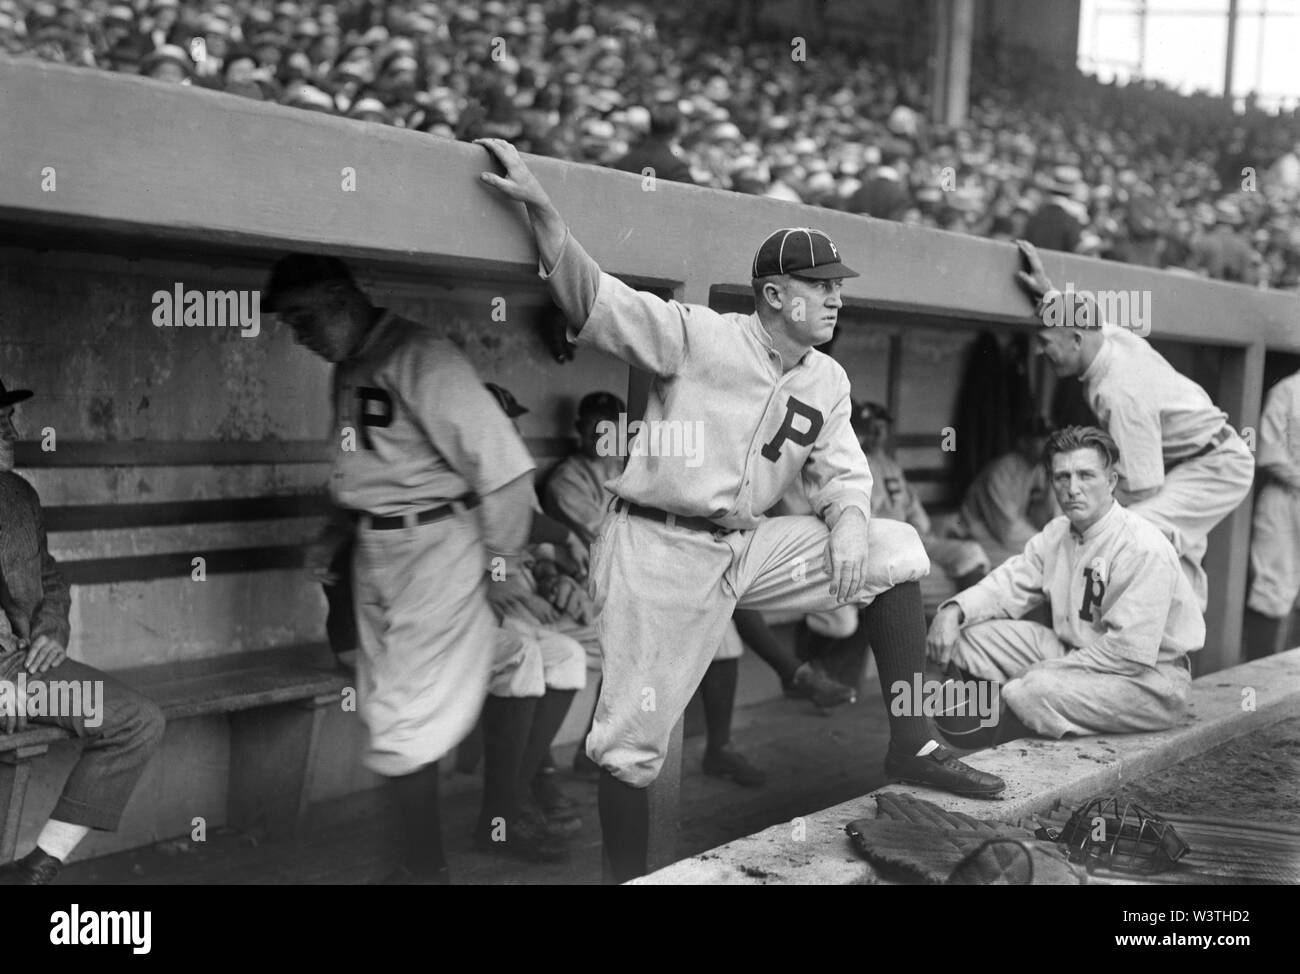 Grover Cleveland Alexander, retrato de pie en piragua pasos con jugadores no identificados, los Phillies de Filadelfia, informó el servicio de Noticias Bain, 1917 Imagen De Stock